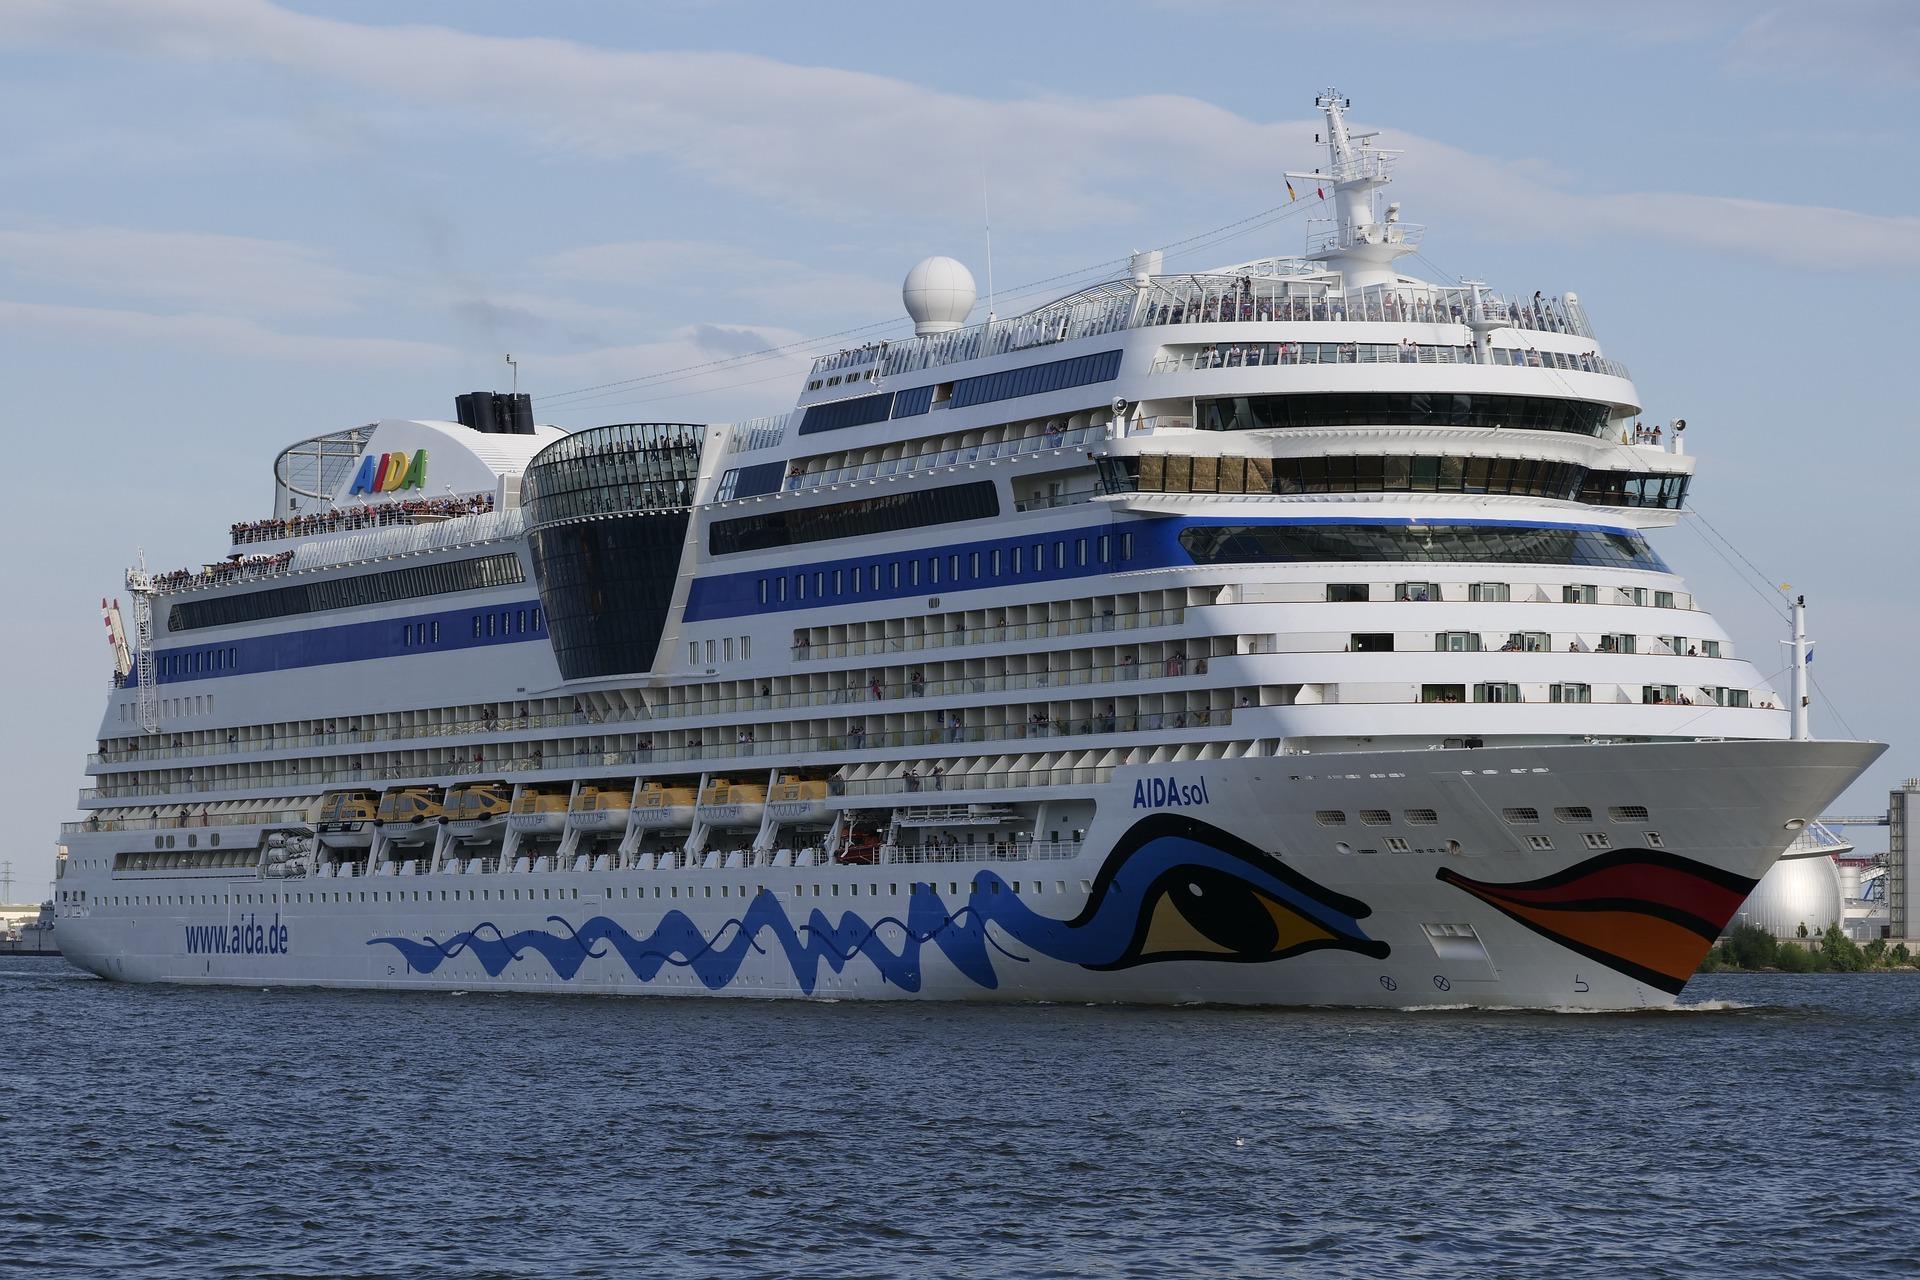 Mein schiff forum kabinen